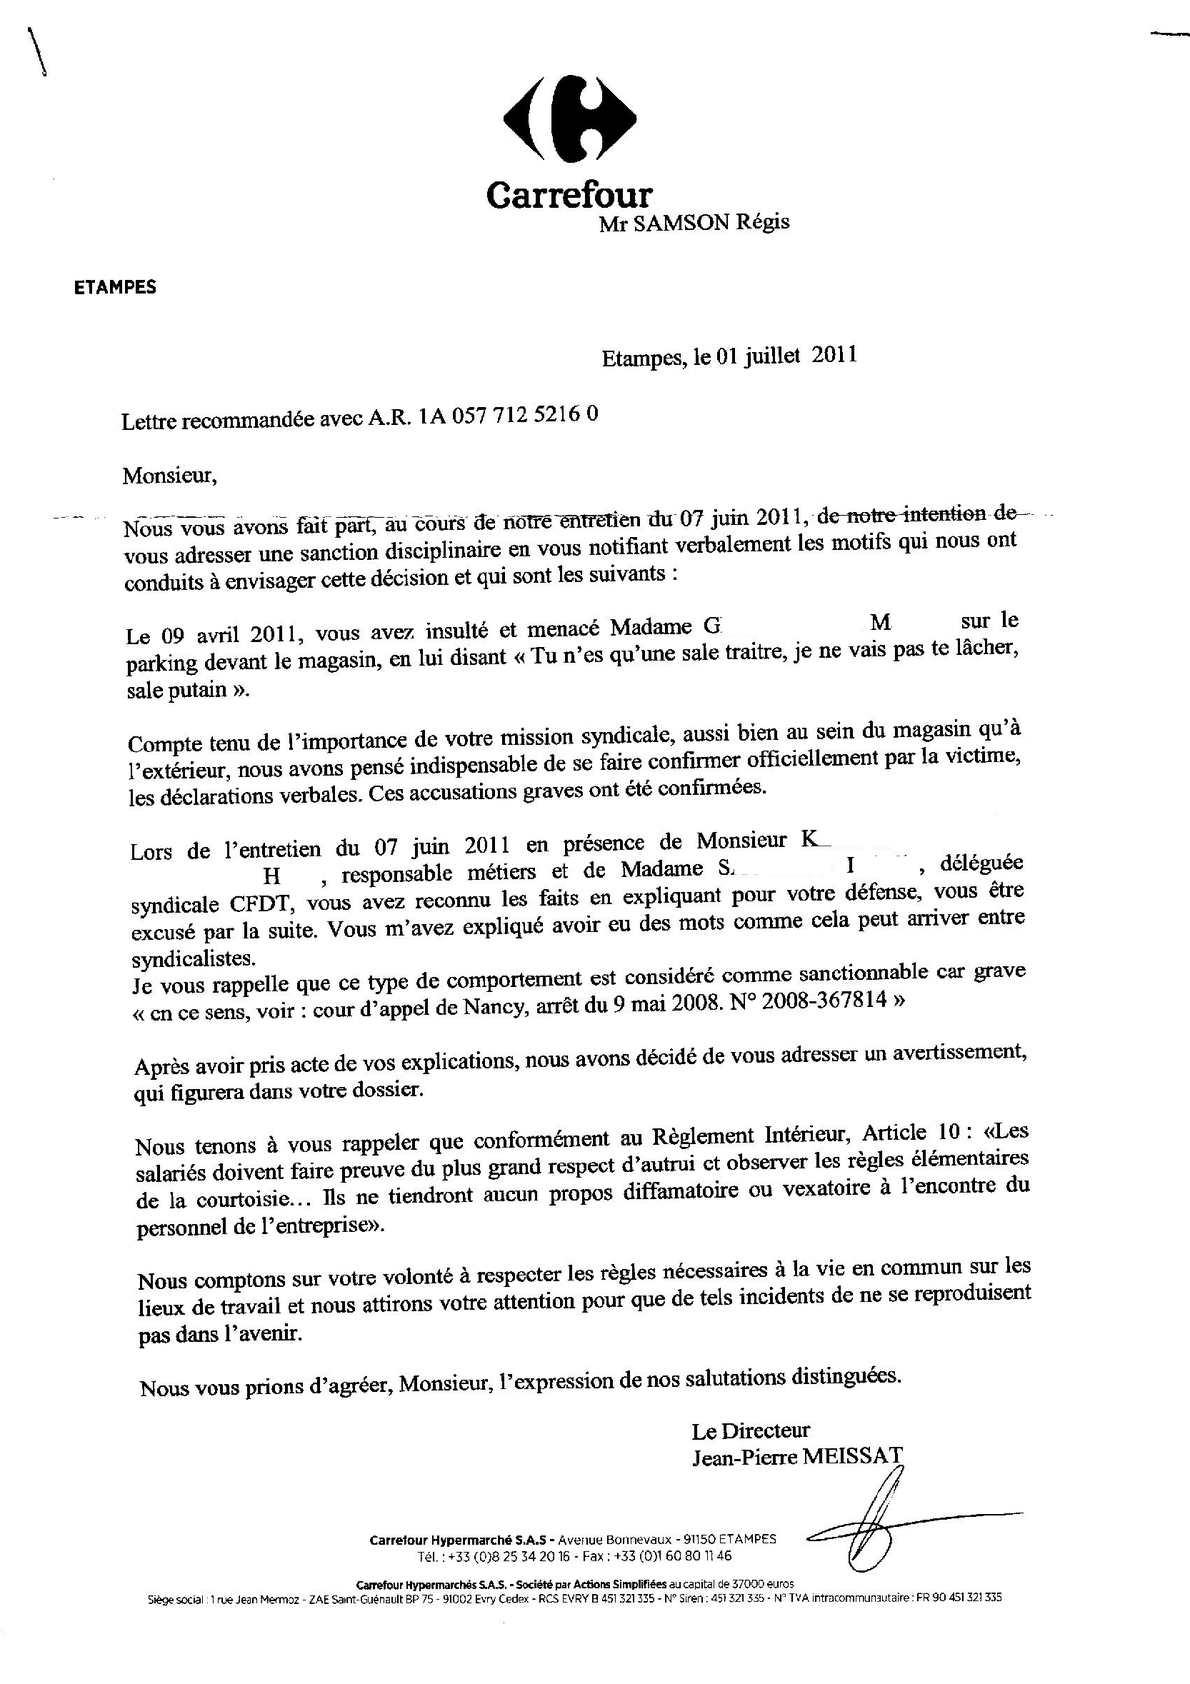 Carrefour Etampes : affaire Carrefour contre SAMSON ( la suite)